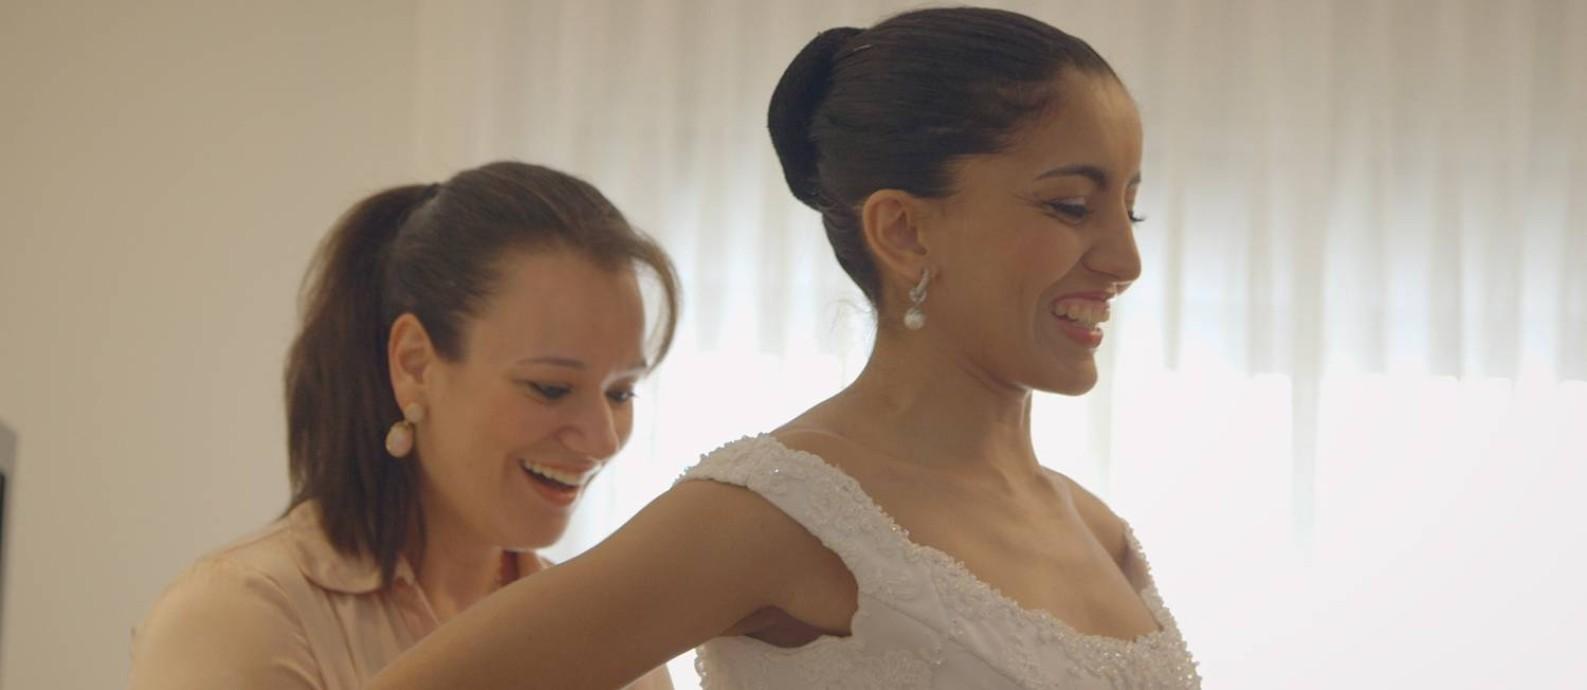 Cena do filme 'OIhando para as estrelas' Foto: Divulgação